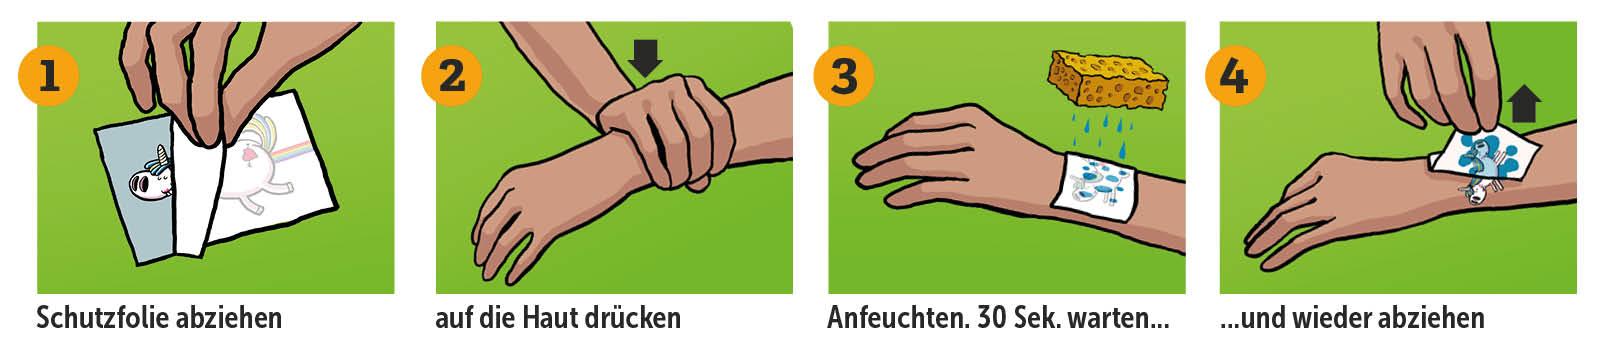 Tattoo-Sticker-Anleitung